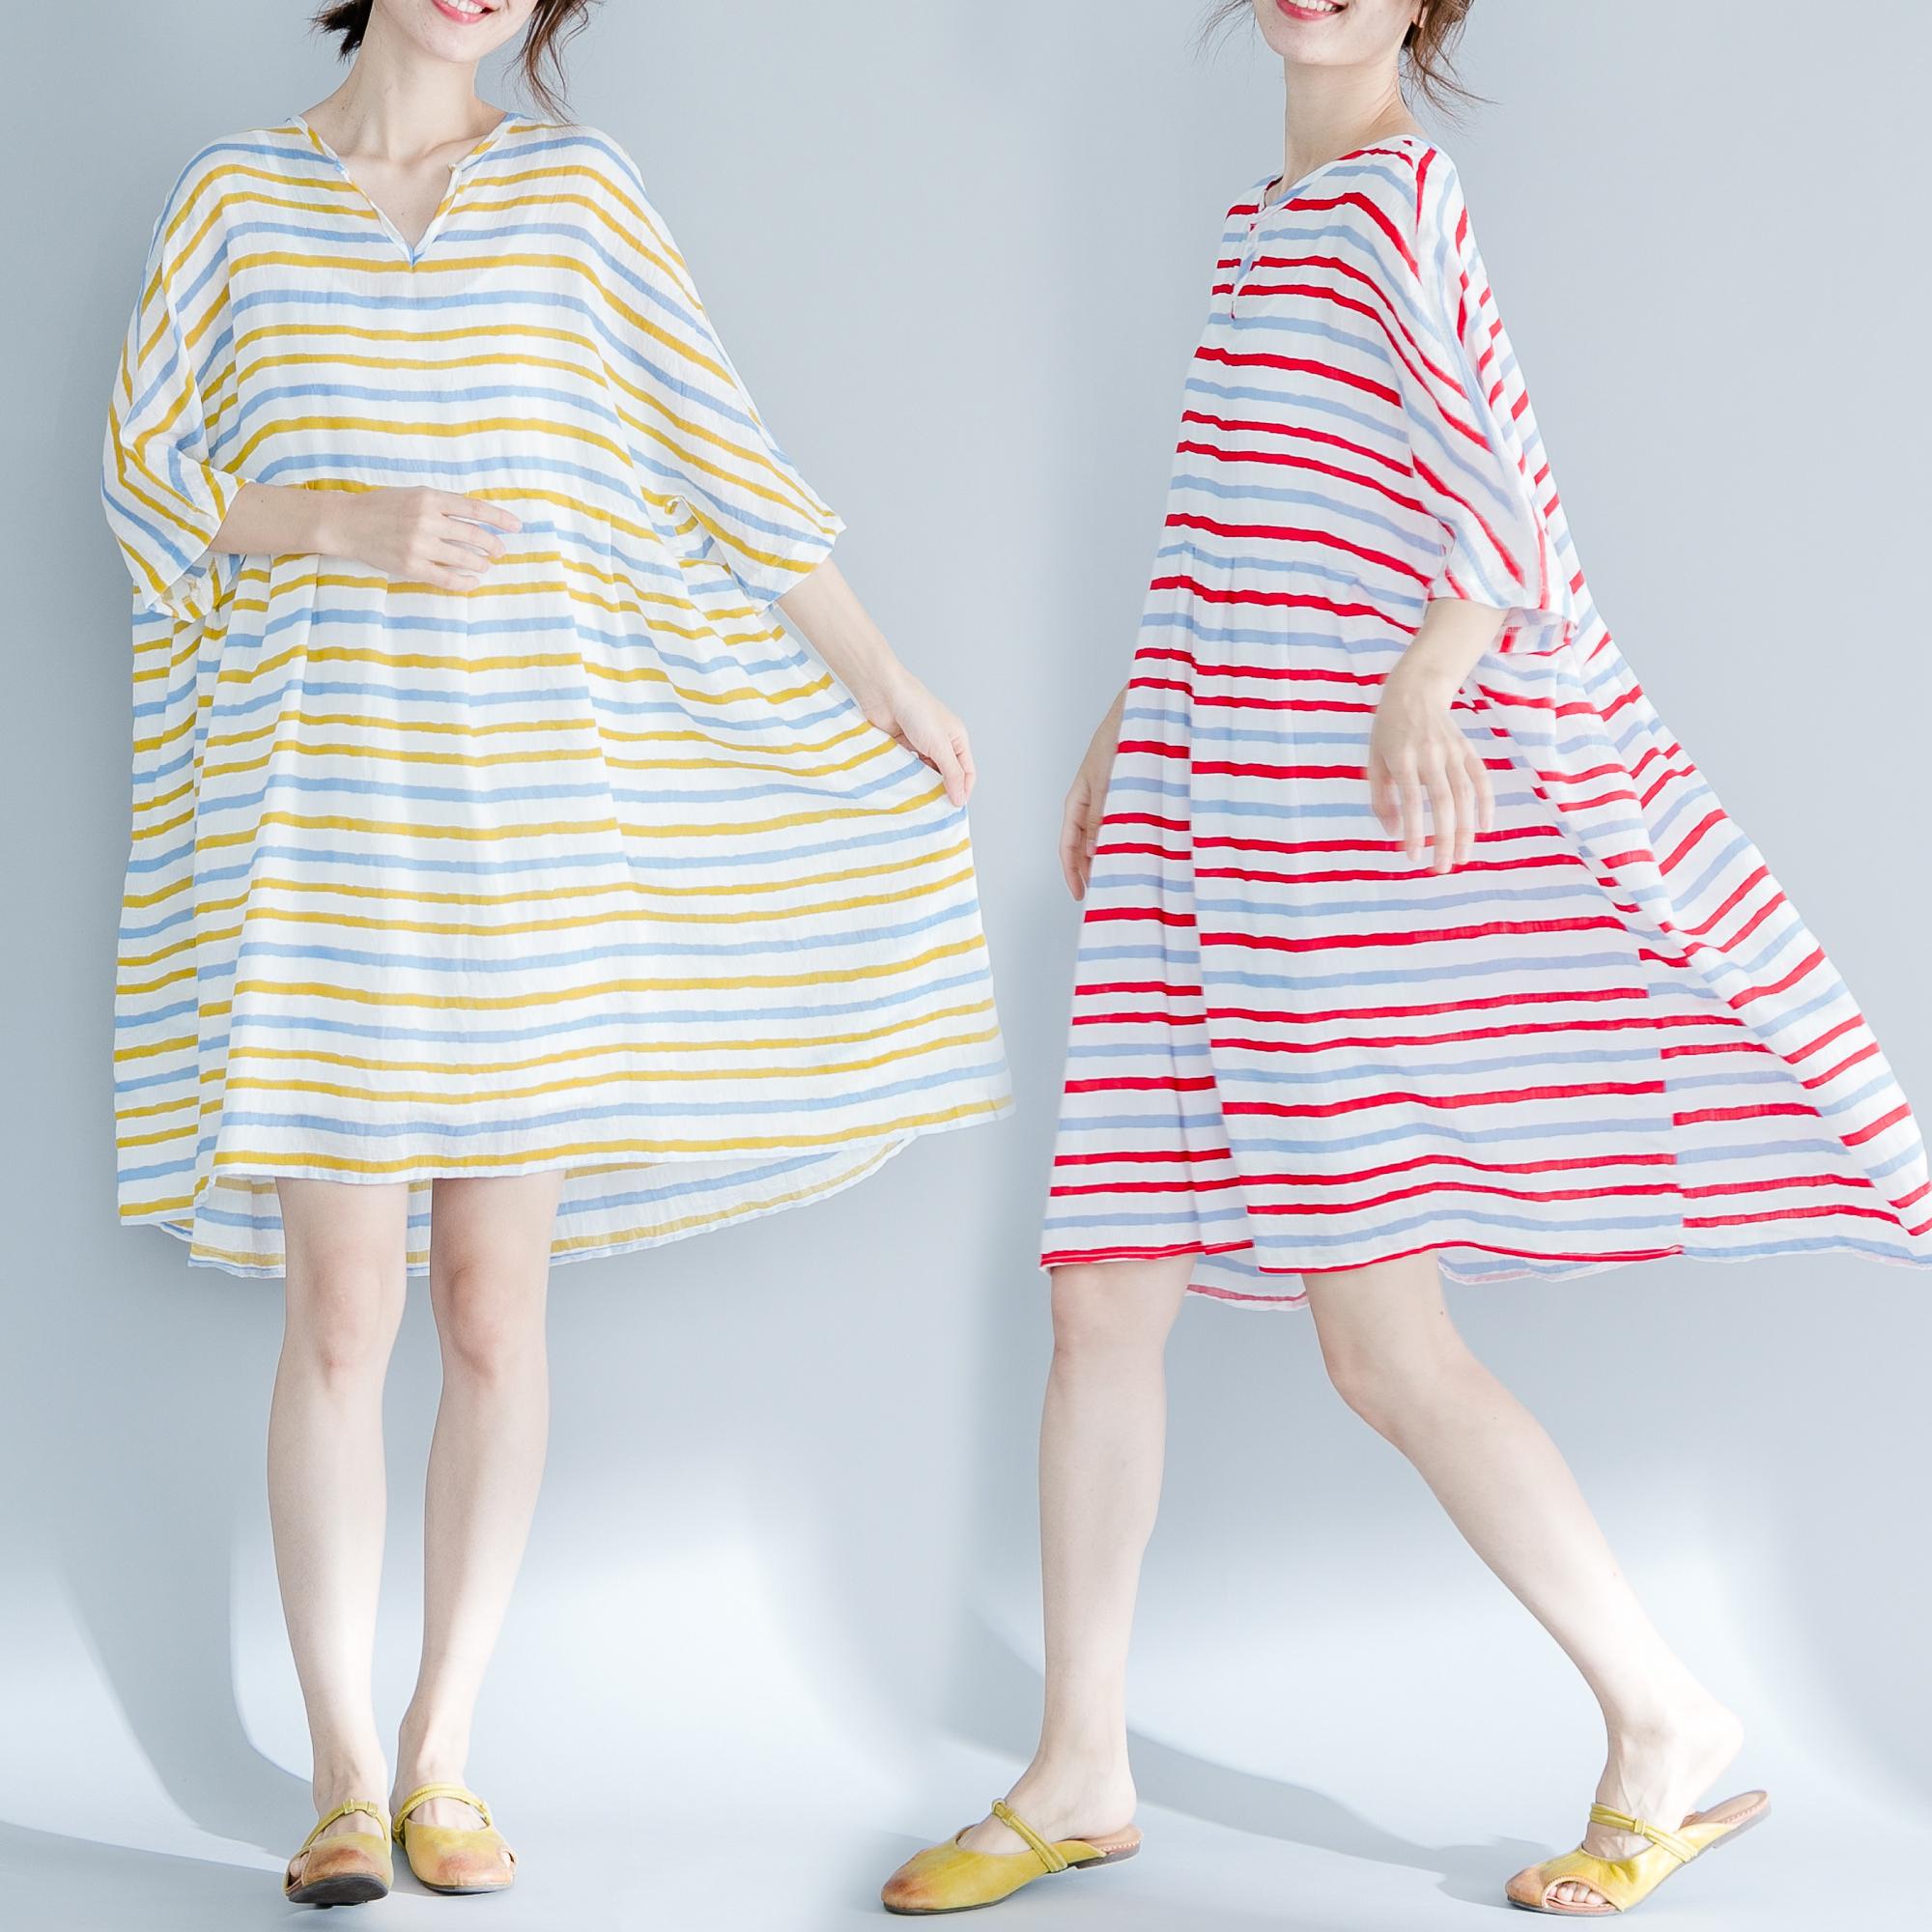 实拍现货 宽松大码彩条连衣裙 9342#大图和视频云盘下载